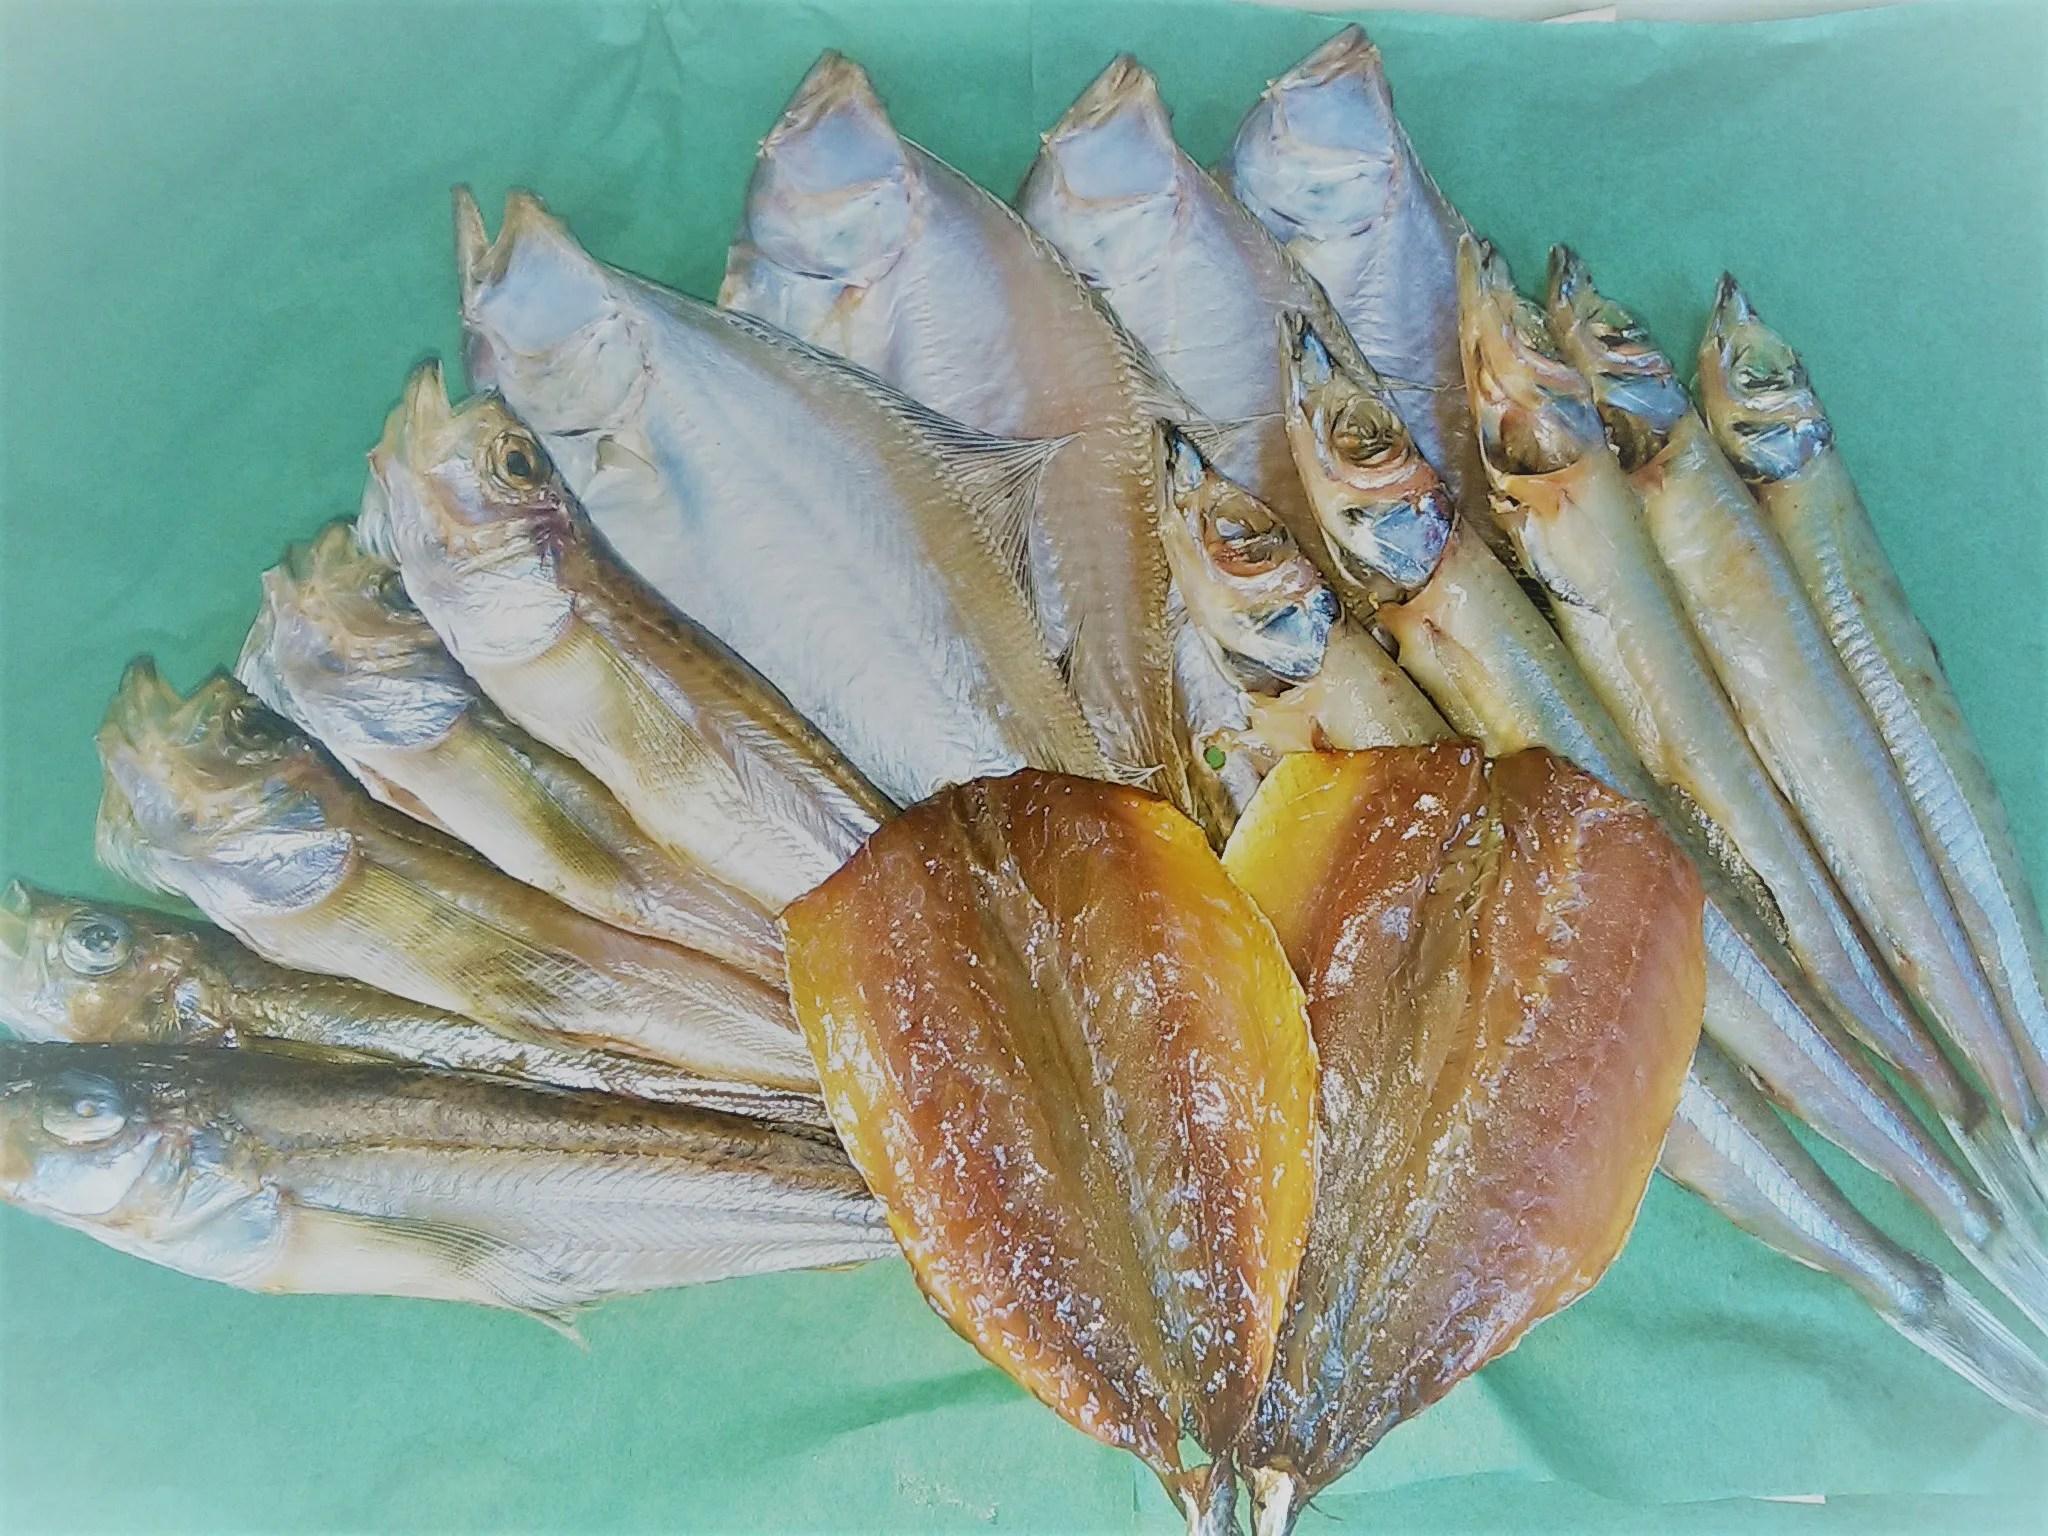 沖キス – シロハタ – エテカレイ – アジみりん干し – 干物セット